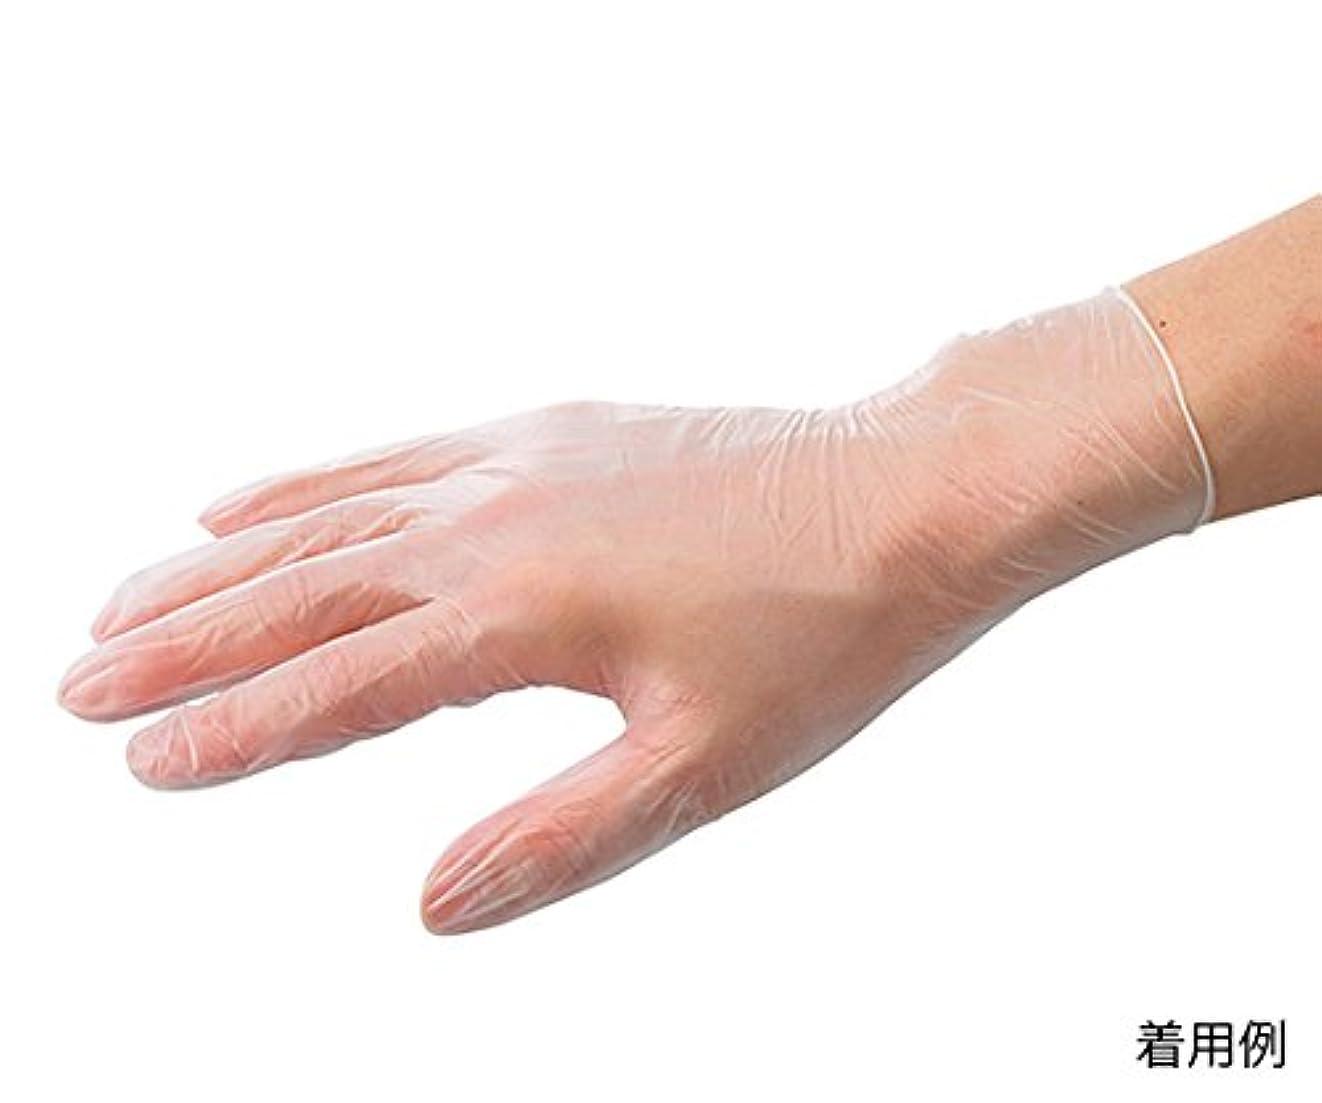 誰でもとても多くのルーキーARメディコム?インク?アジアリミテッド7-3727-01バイタルプラスチック手袋(パウダー付き)S150枚入